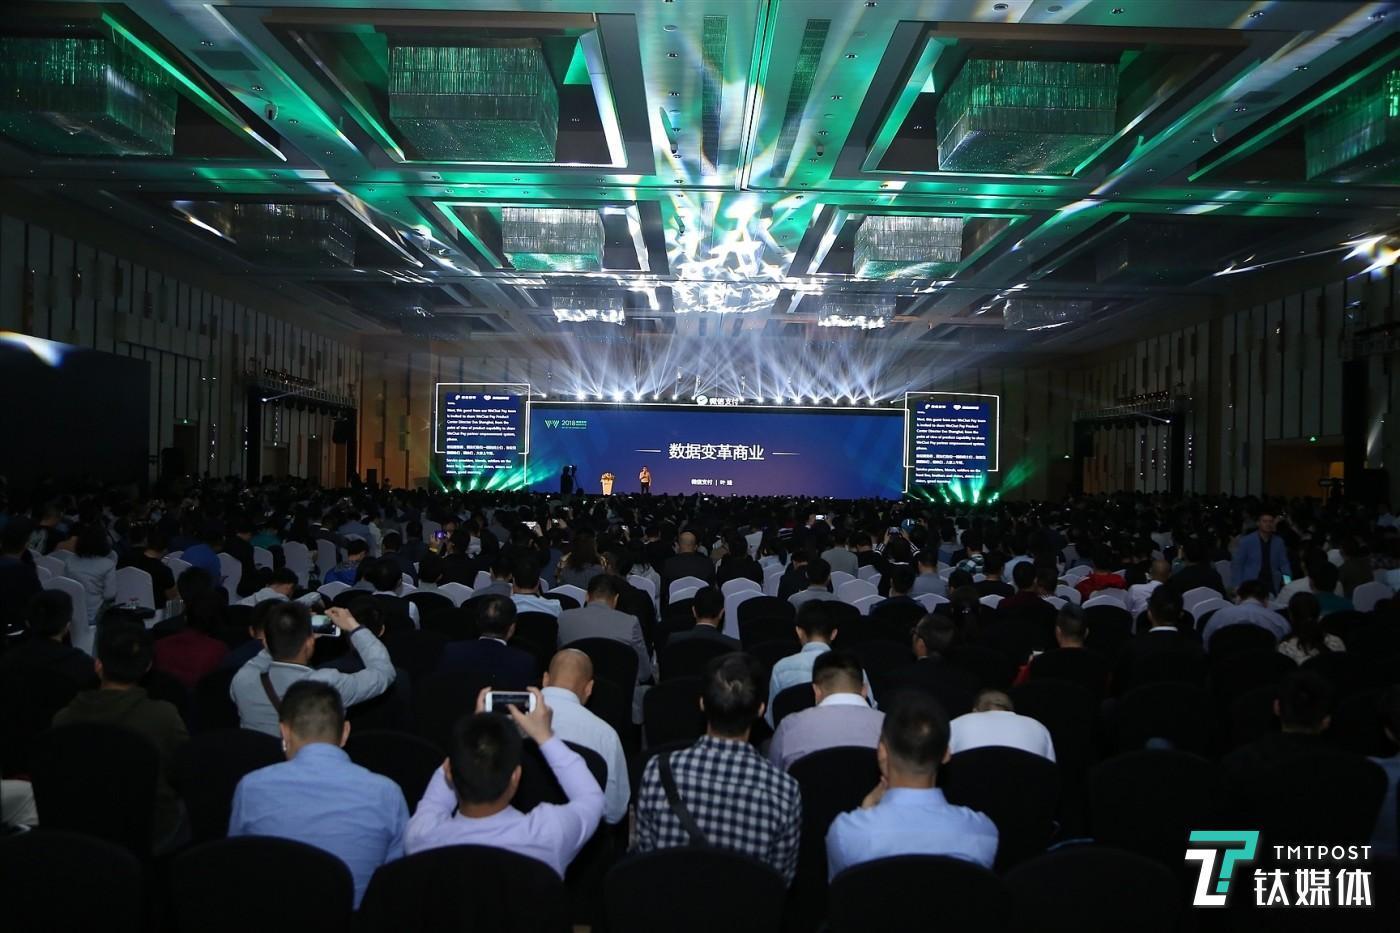 微信支付合作伙伴大会现场